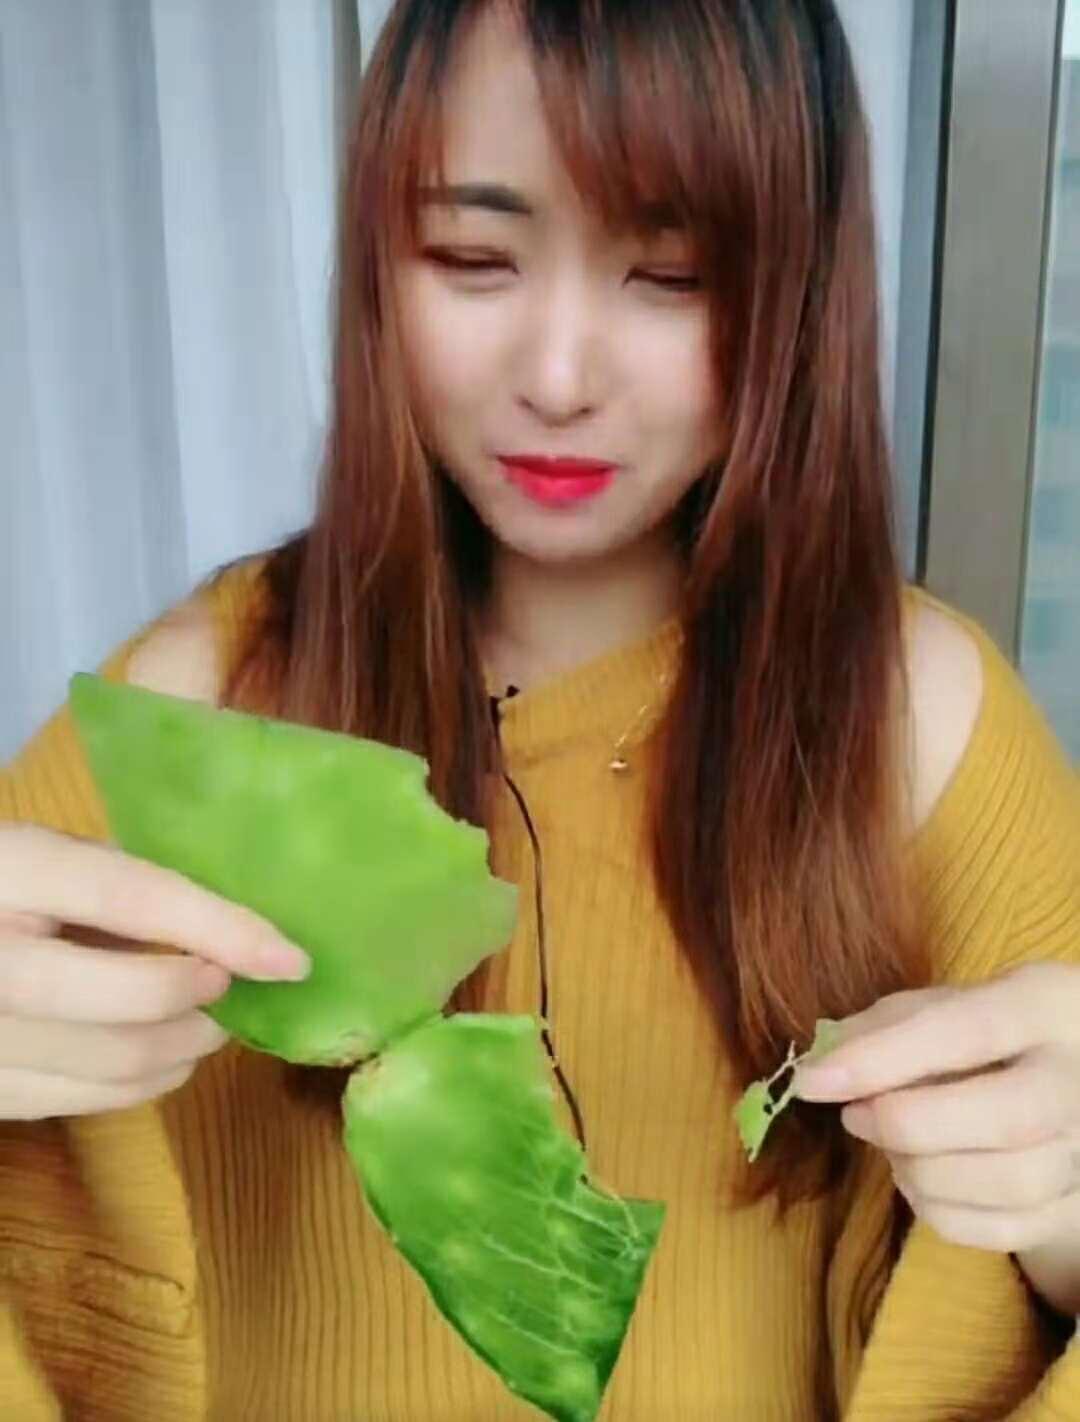 女子直播吃仙人掌:像吃黄瓜,网友:被表情出卖